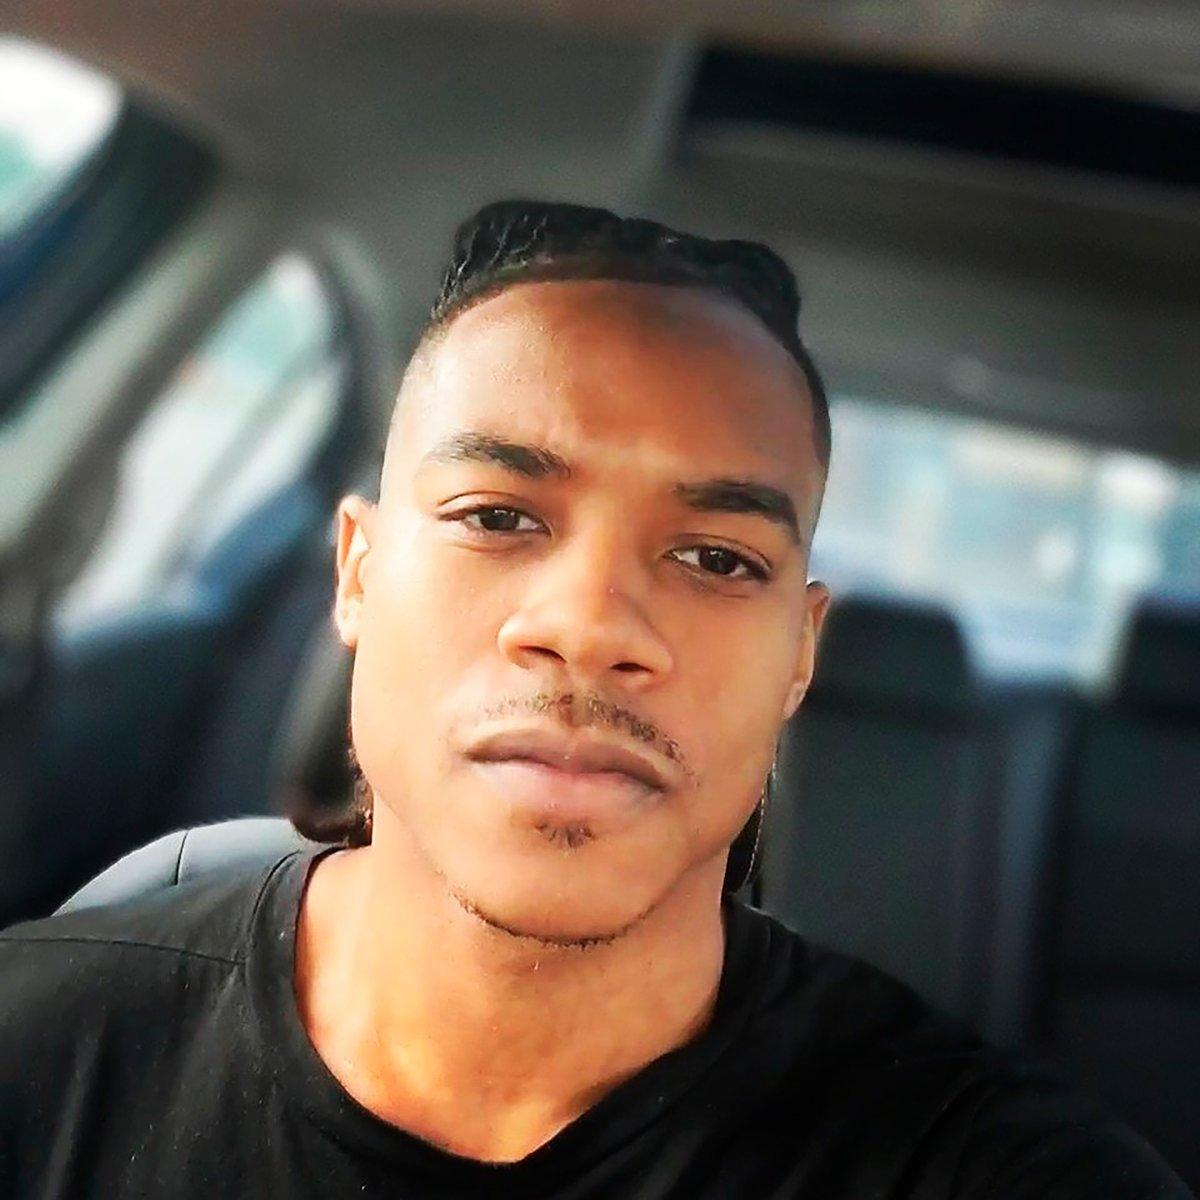 Este es Noah Green, el islamista que embistió con su coche la barrera del Capitolio y ha sido abatido por la Policía